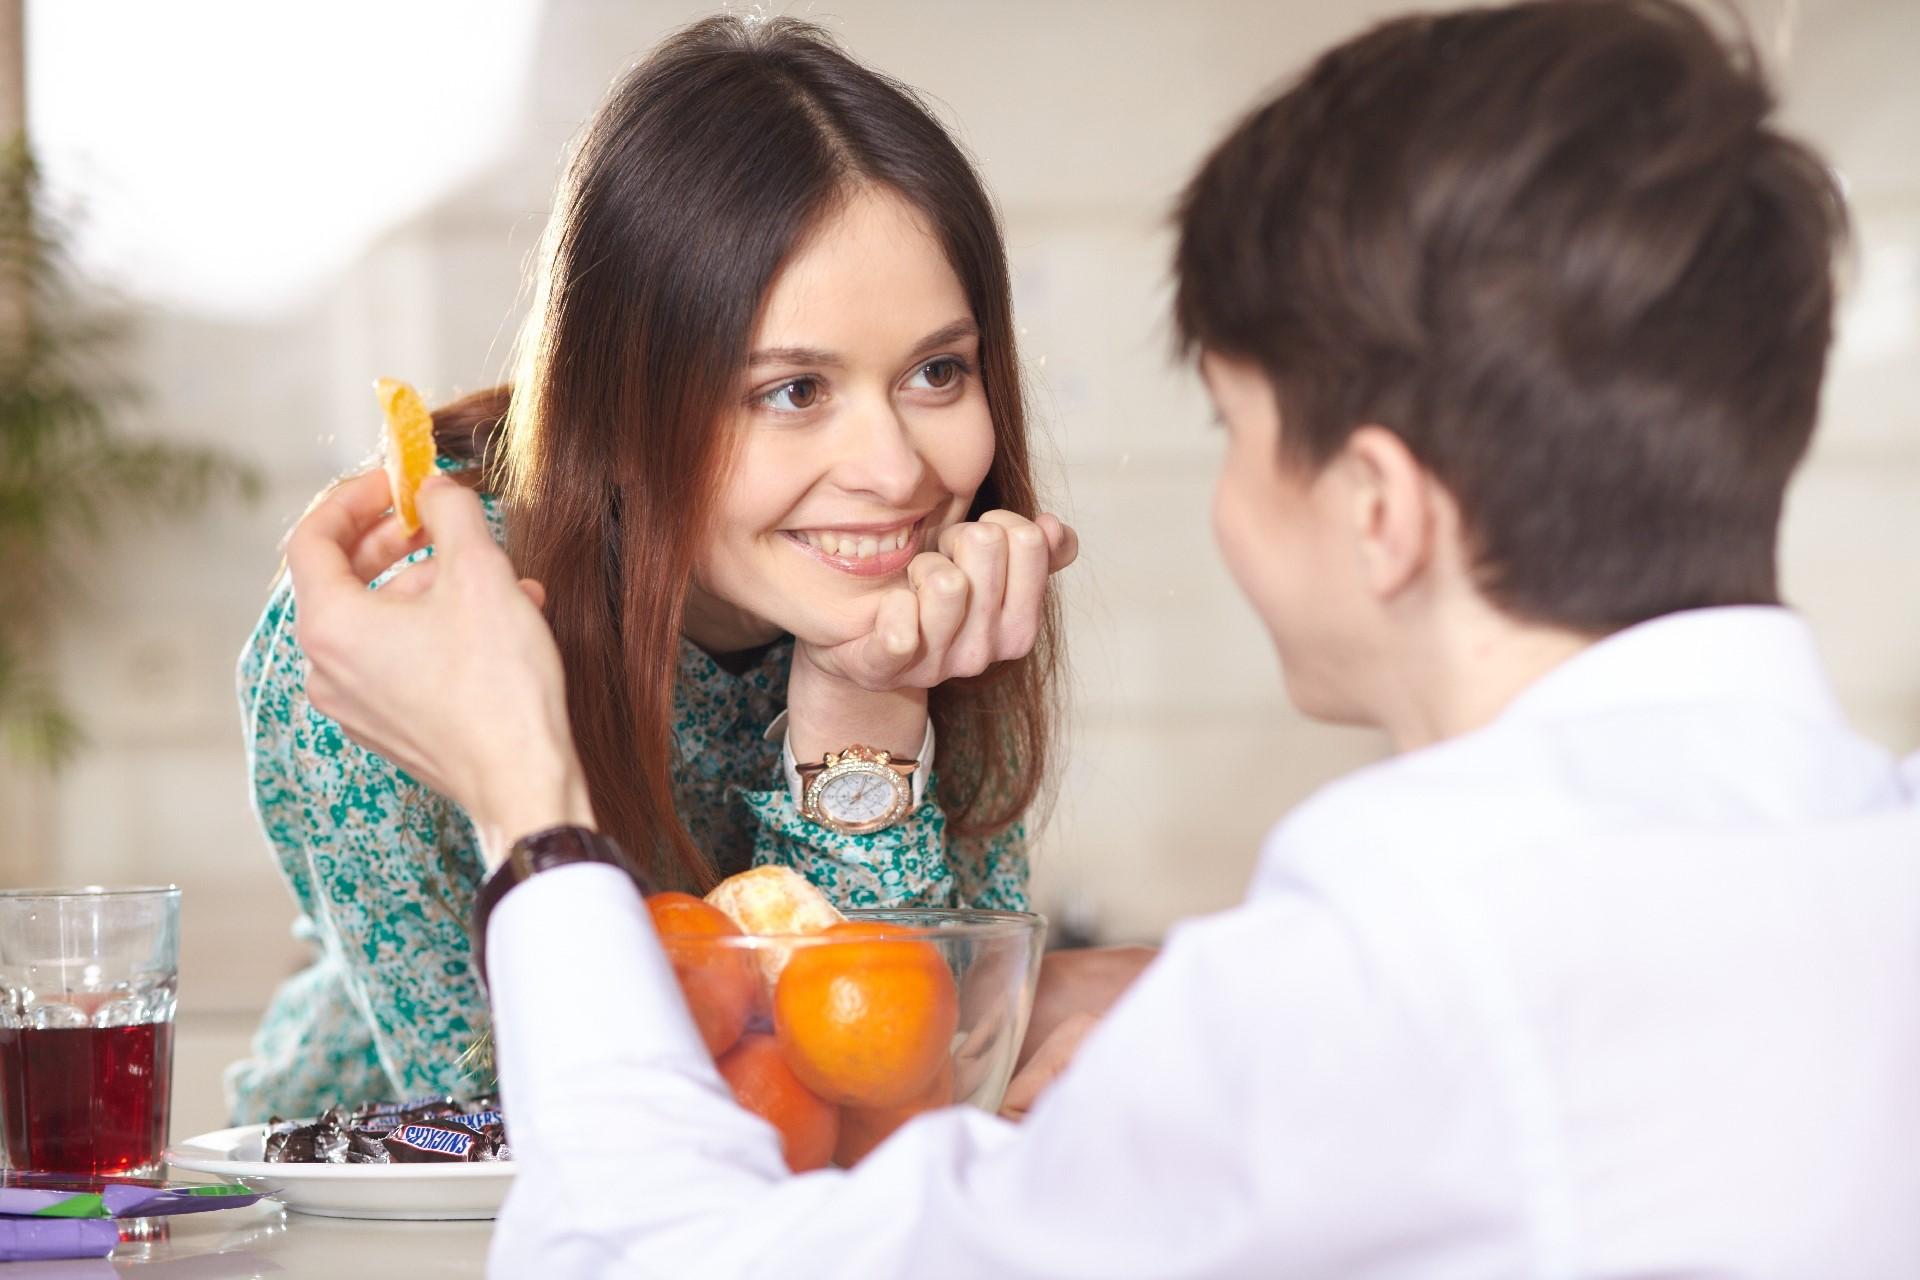 モテる女性が実施している恋愛運を上げる5つの方法